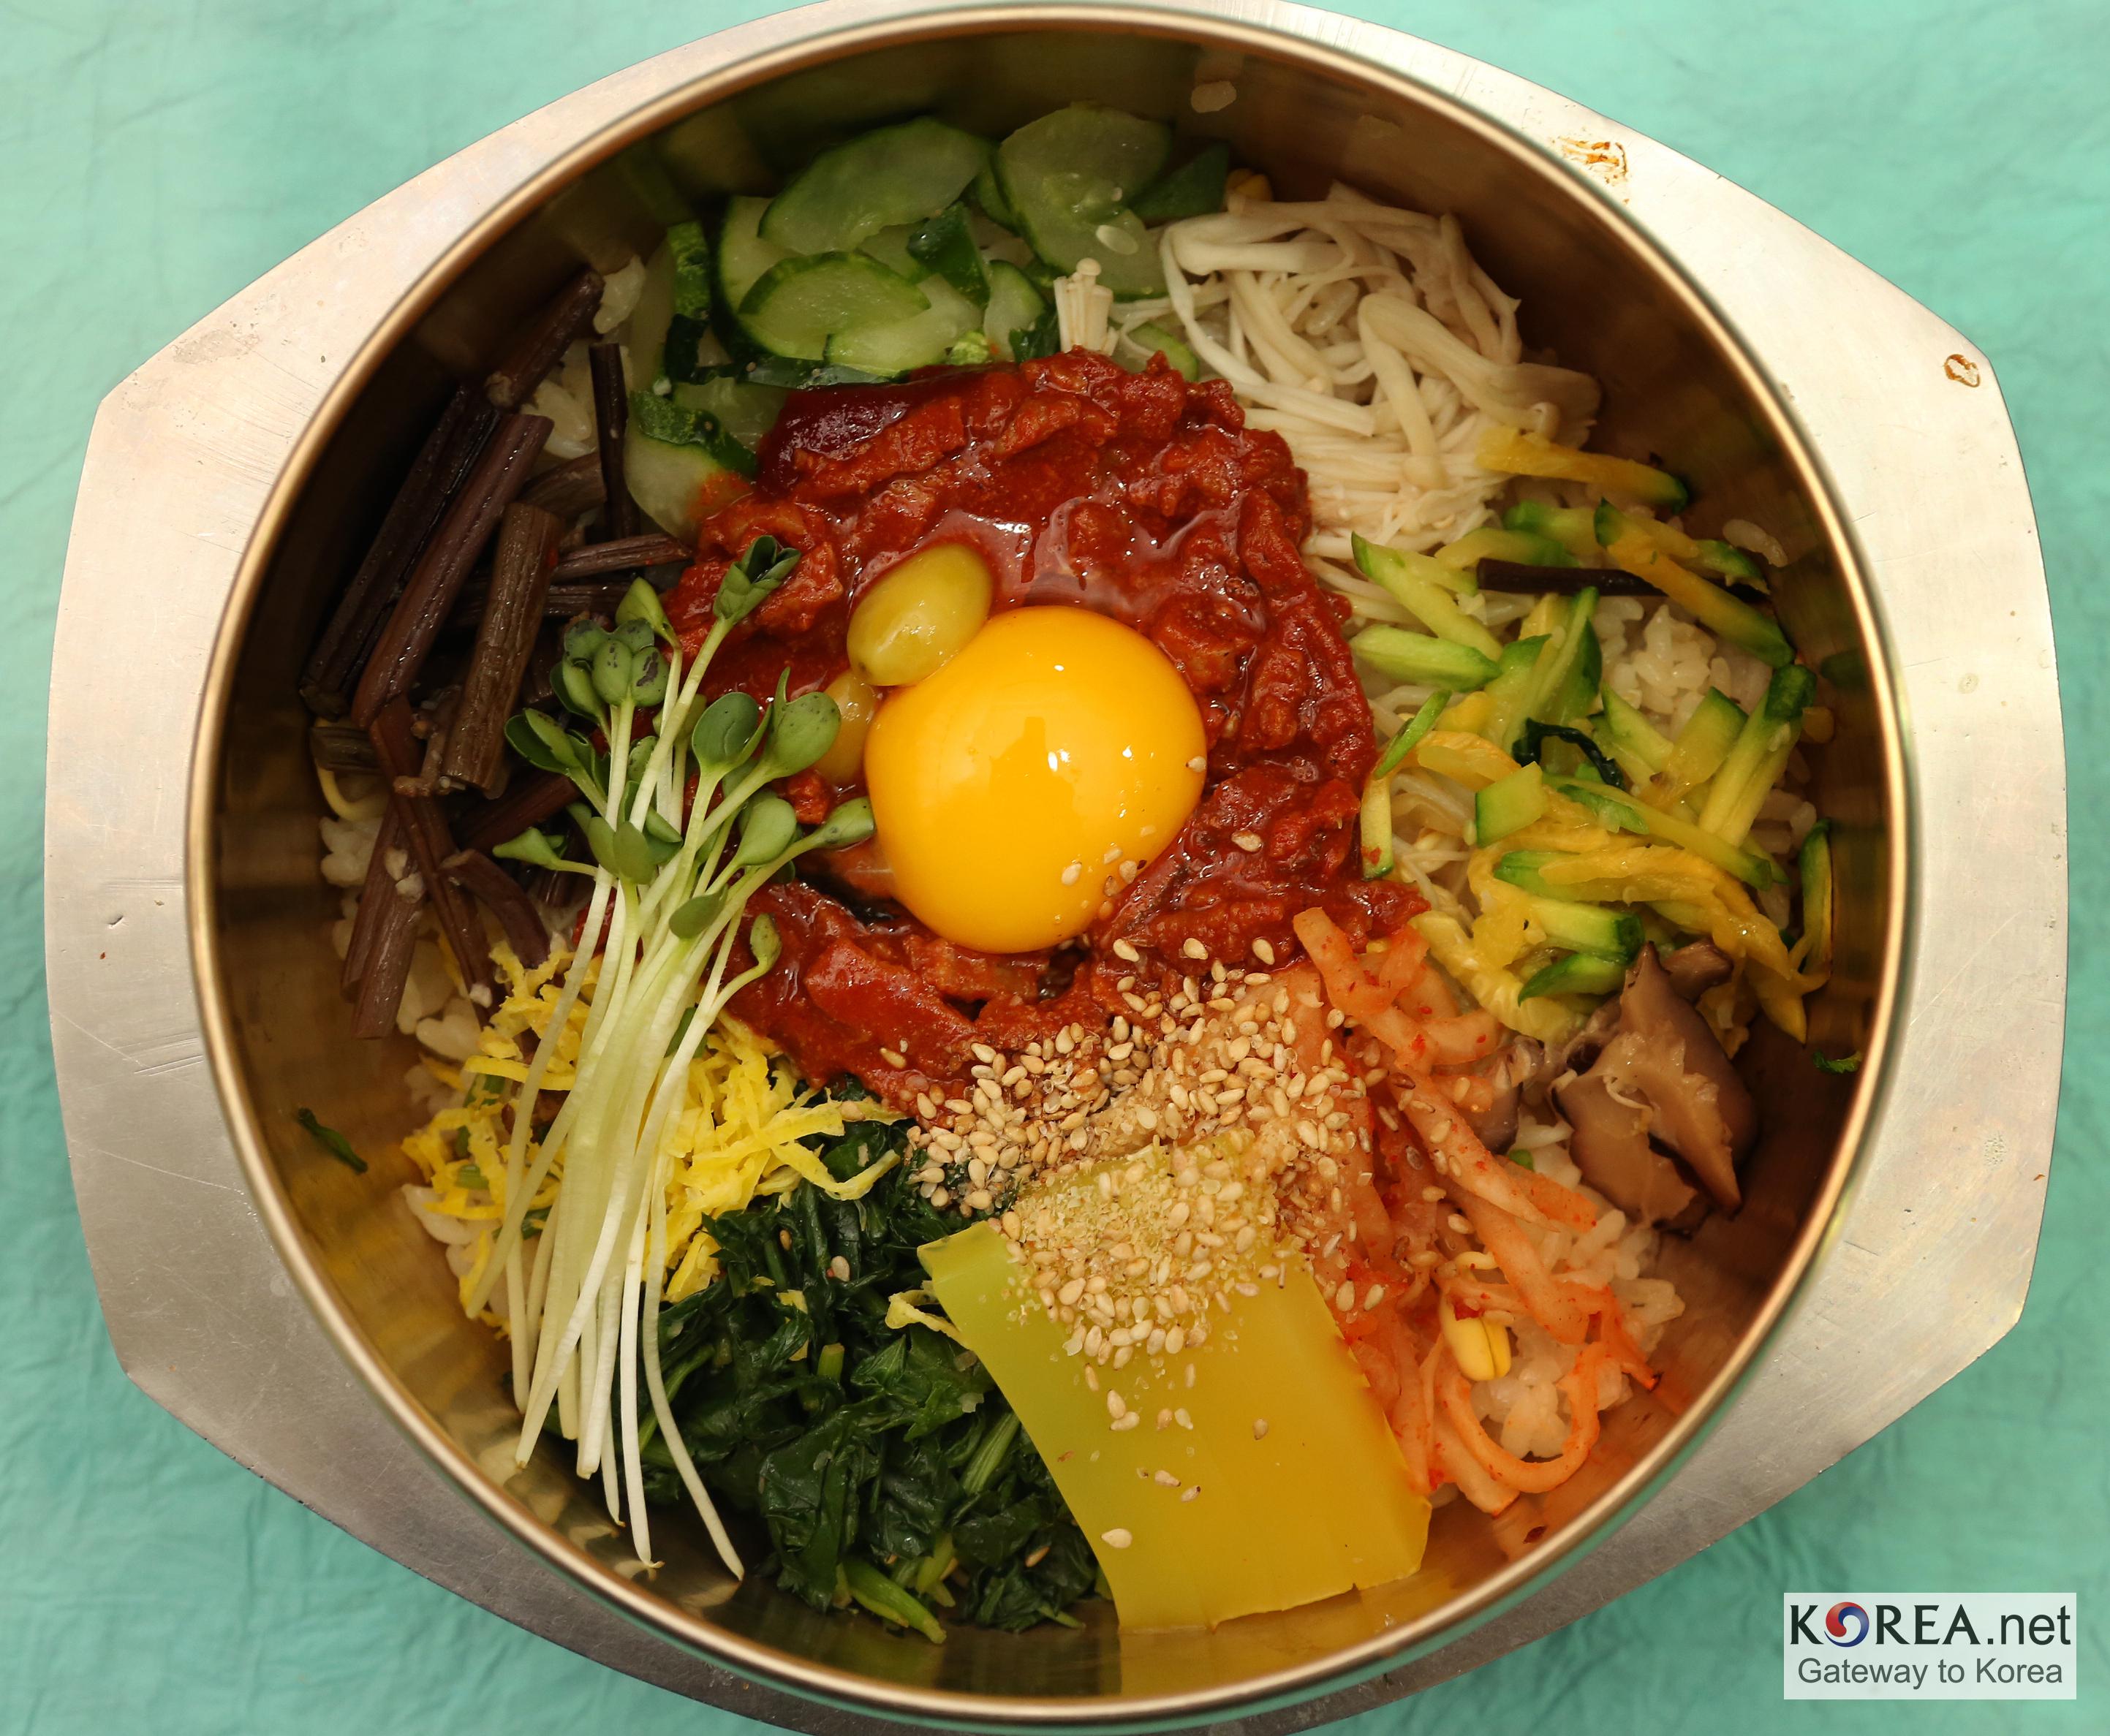 du bibimbap korean cuisine bibimbap 08 jpg bibimbap every culture has ...